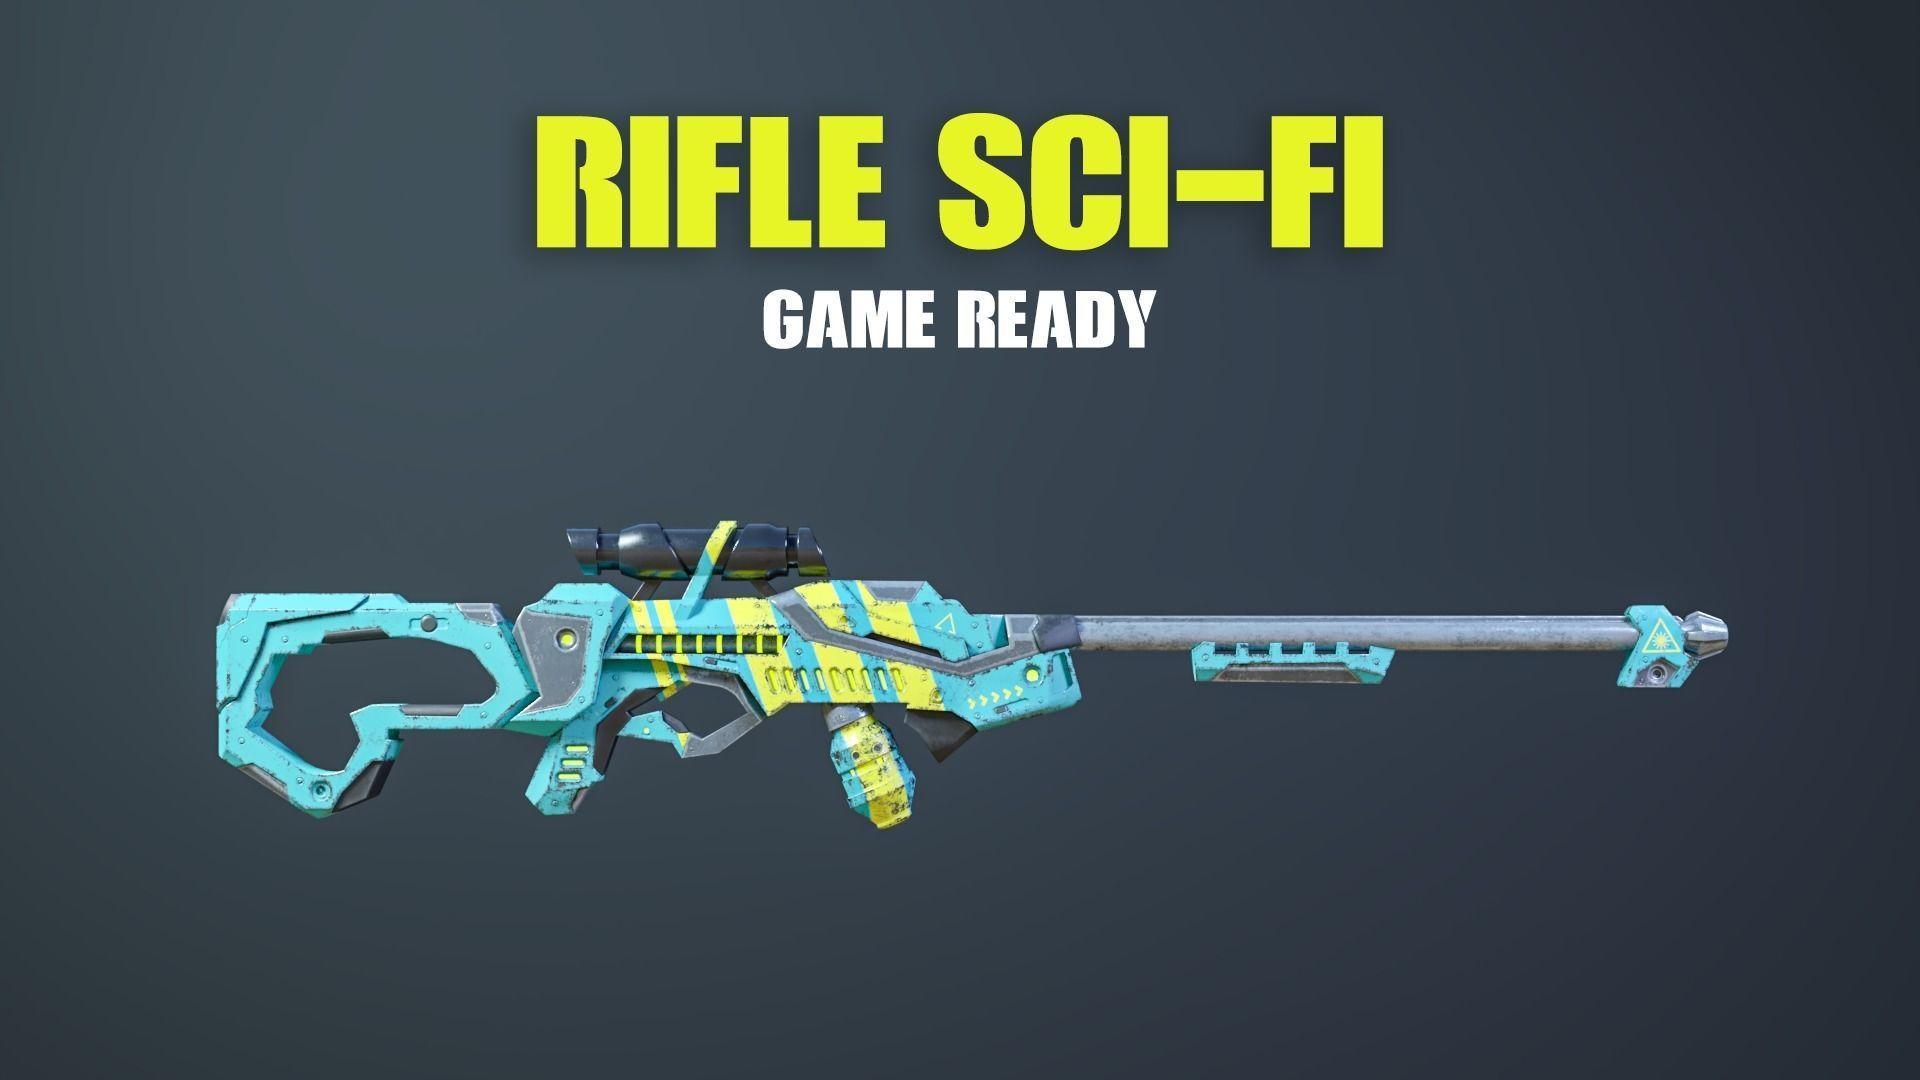 Rifle Sci-Fi Game Ready